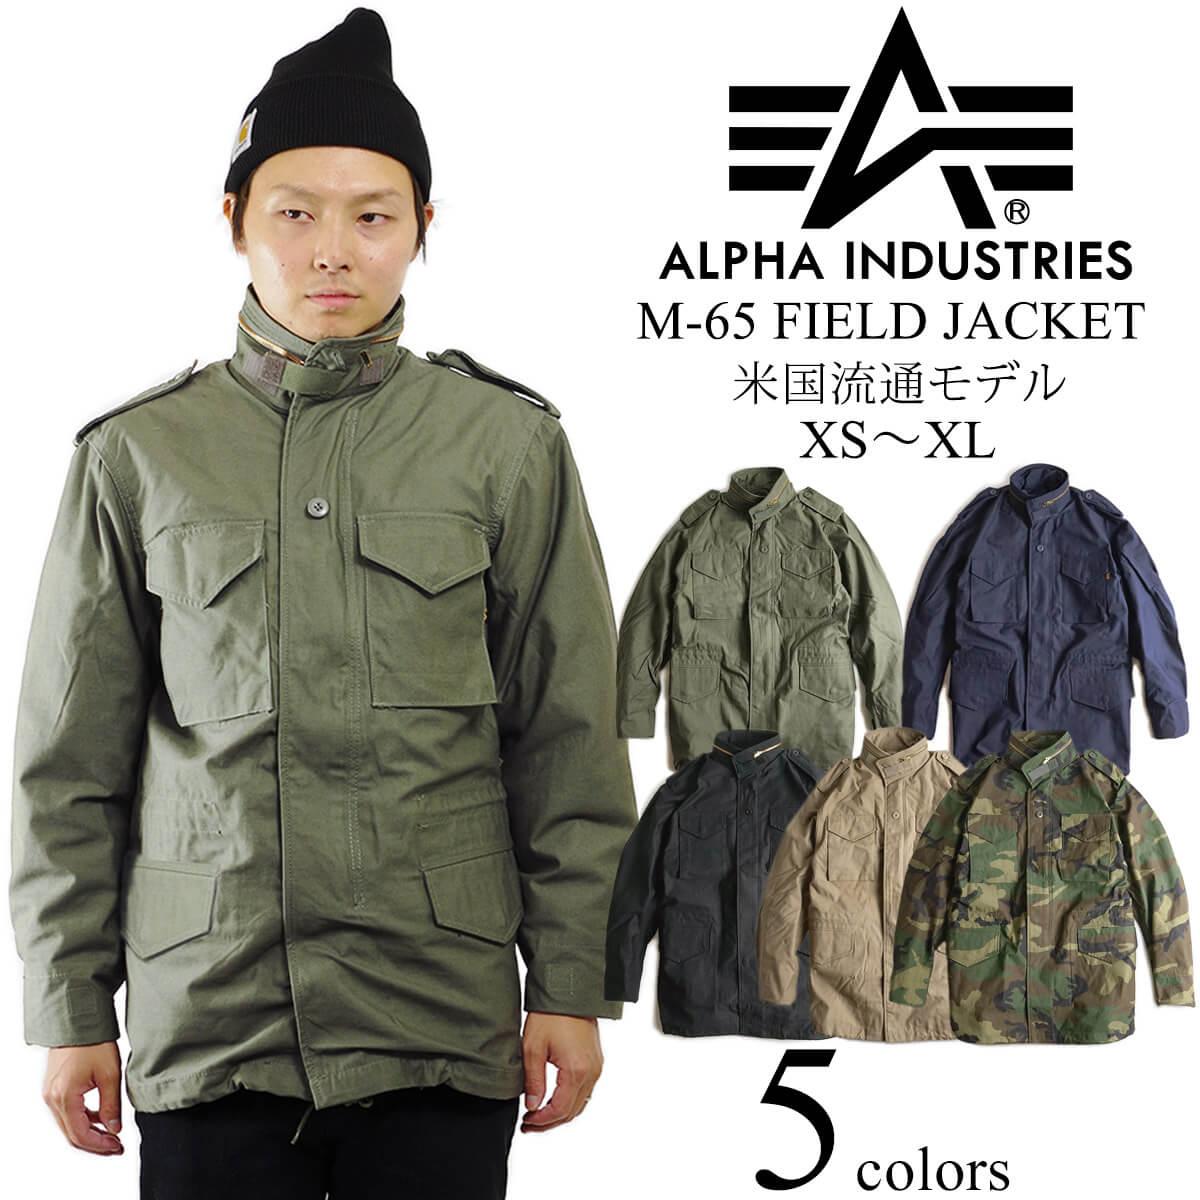 アルファ インダストリーズ ALPHA M-65 フィールドジャケット (M65 FIELD JACKET INDUSTRIES)